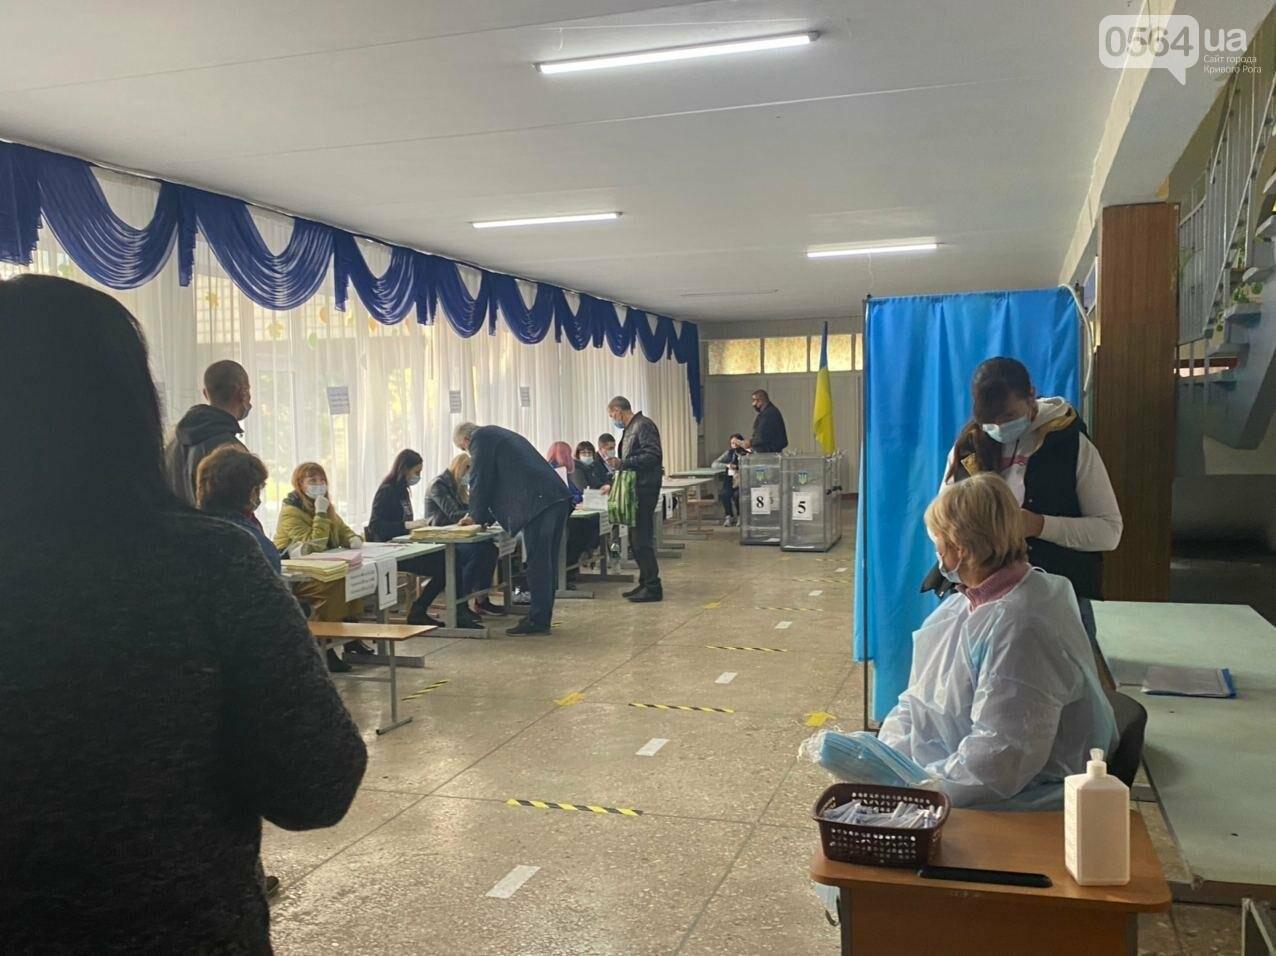 Как криворожане голосуют с учетом карантинных ограничений, - ФОТО, фото-10